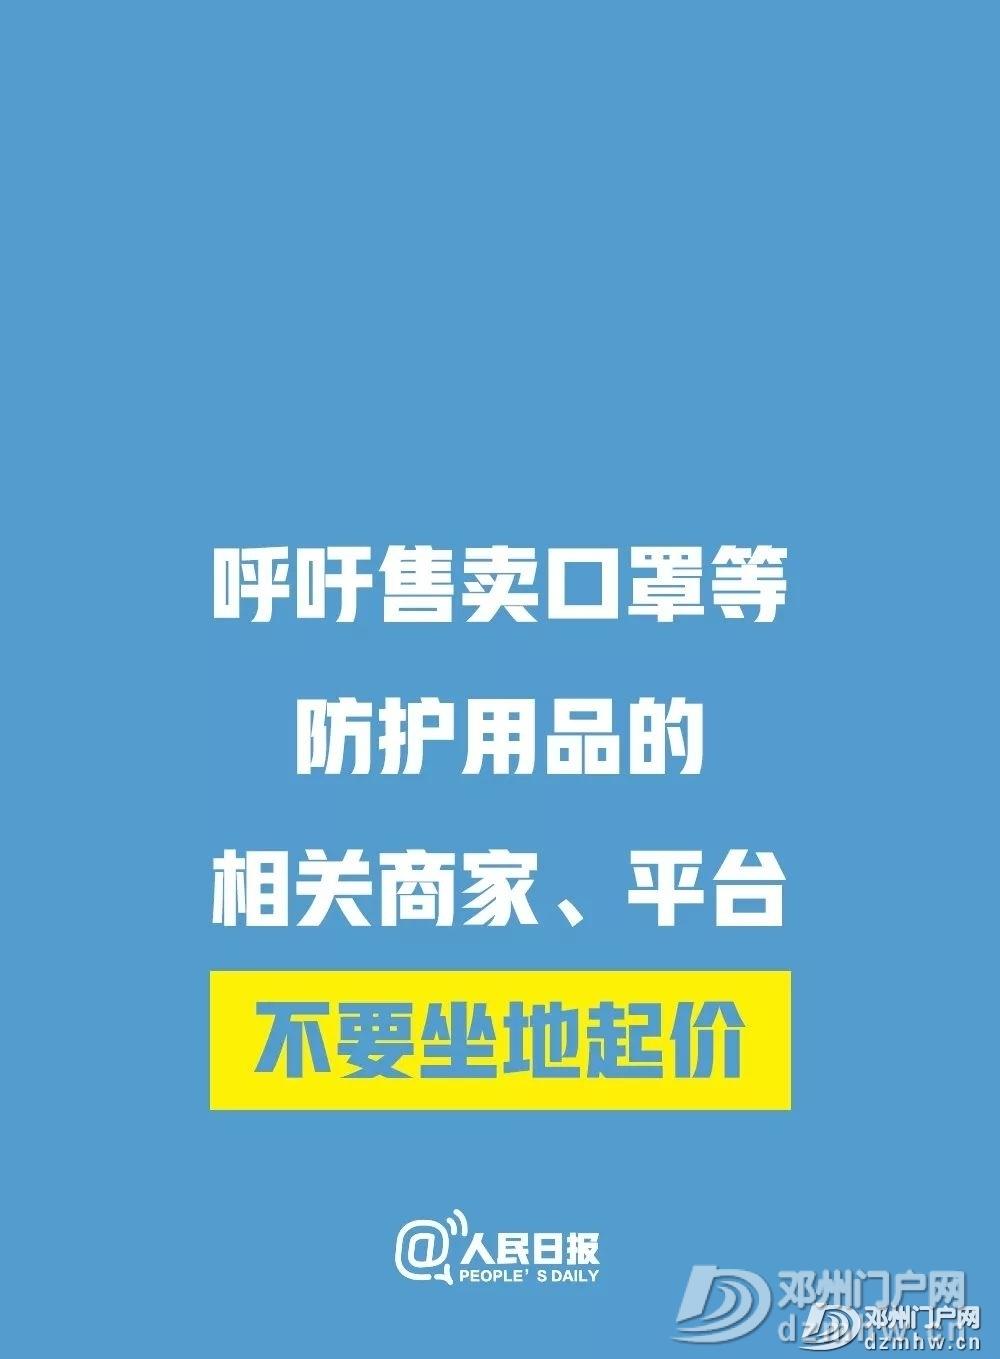 刚刚!河南确诊首位新型肺炎病例,邓州全面禁止销售活禽!铁路部门... - 邓州门户网 邓州网 - 00320492614_8bdfee5d.jpg